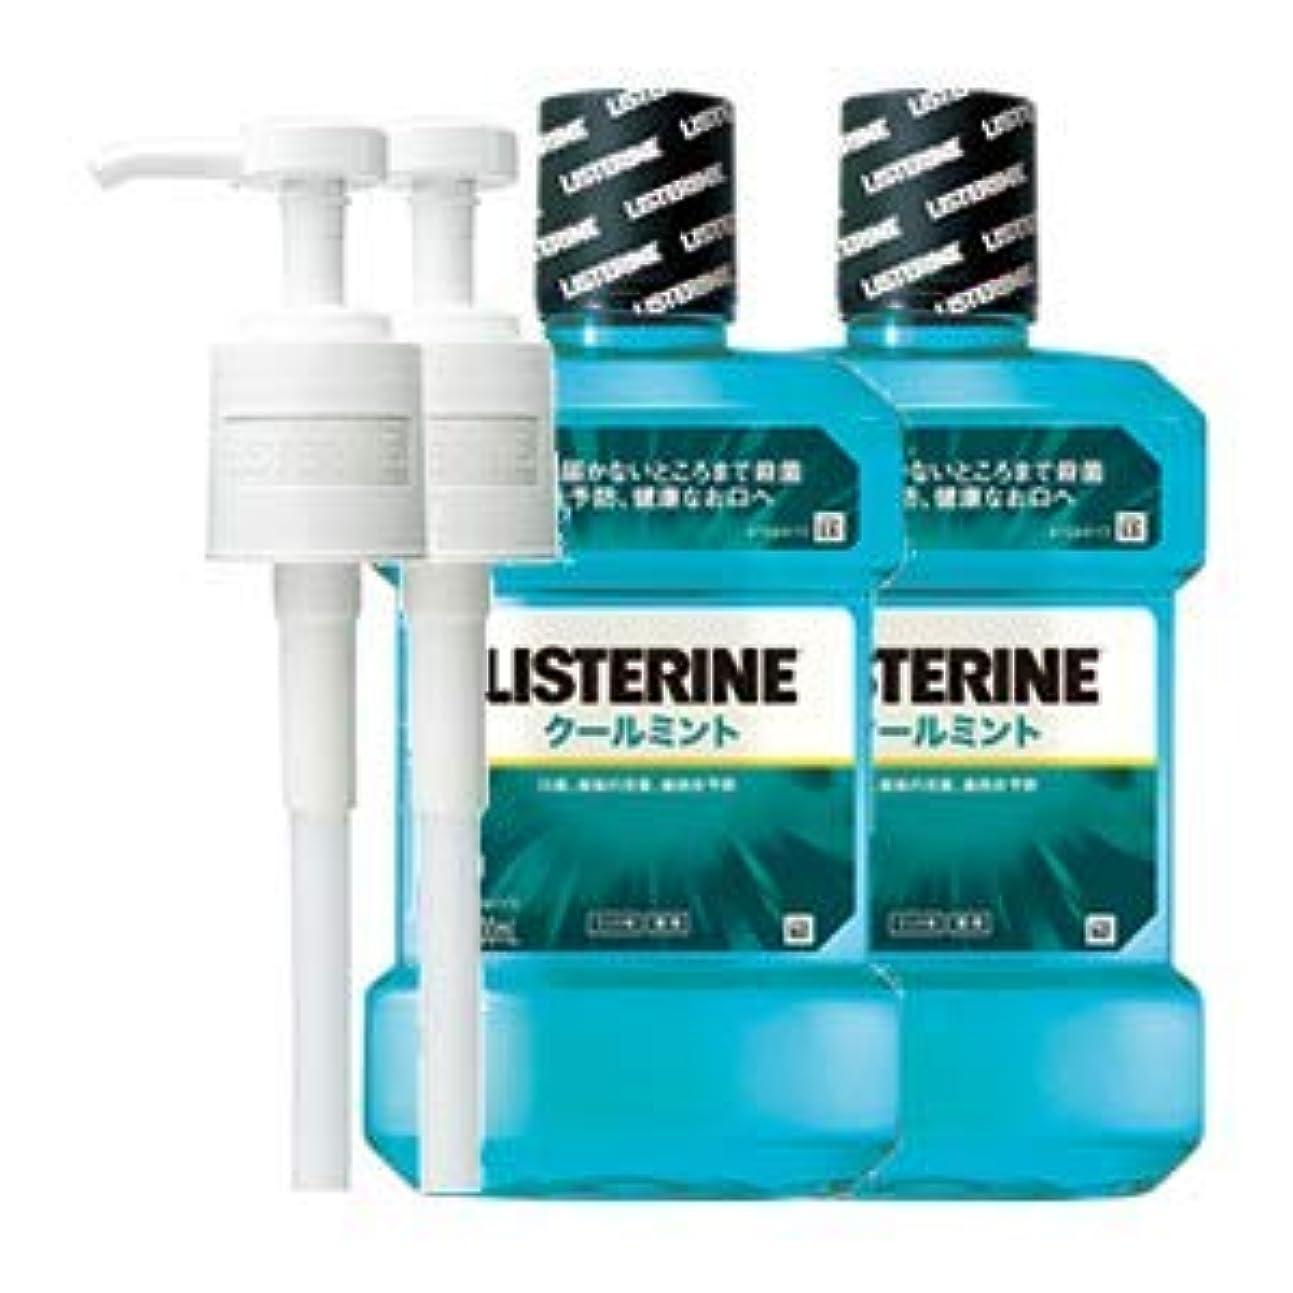 ユーモアわずかに行商薬用リステリン クールミント (マウスウォッシュ/洗口液) 1000mL 2点セット (ポンプ付)